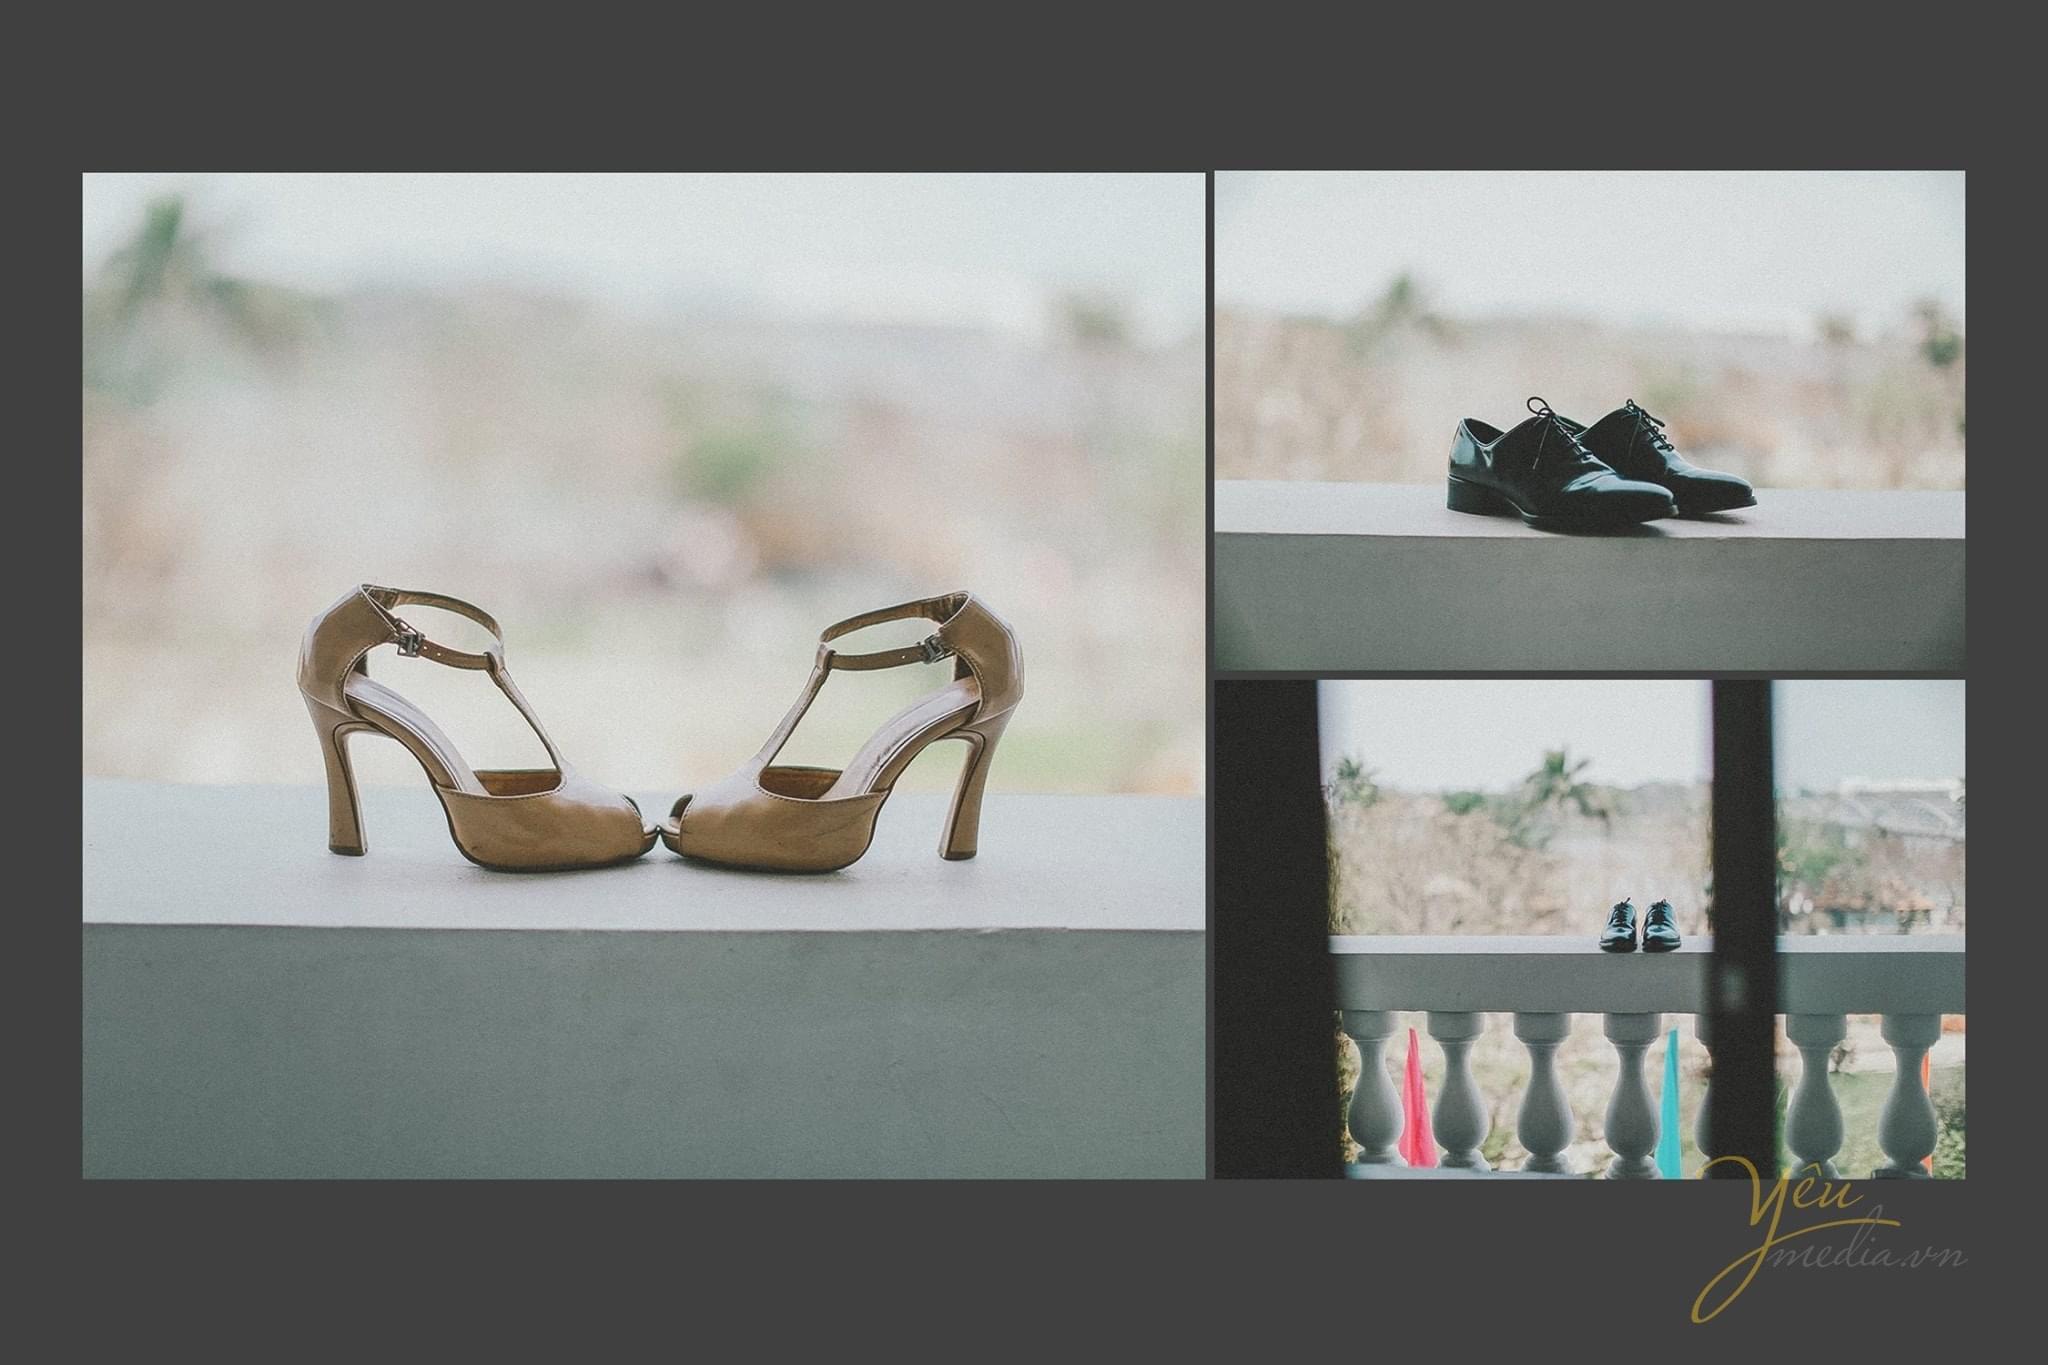 ảnh chụp phụ kiện giày cưới của cô dâu chú rể